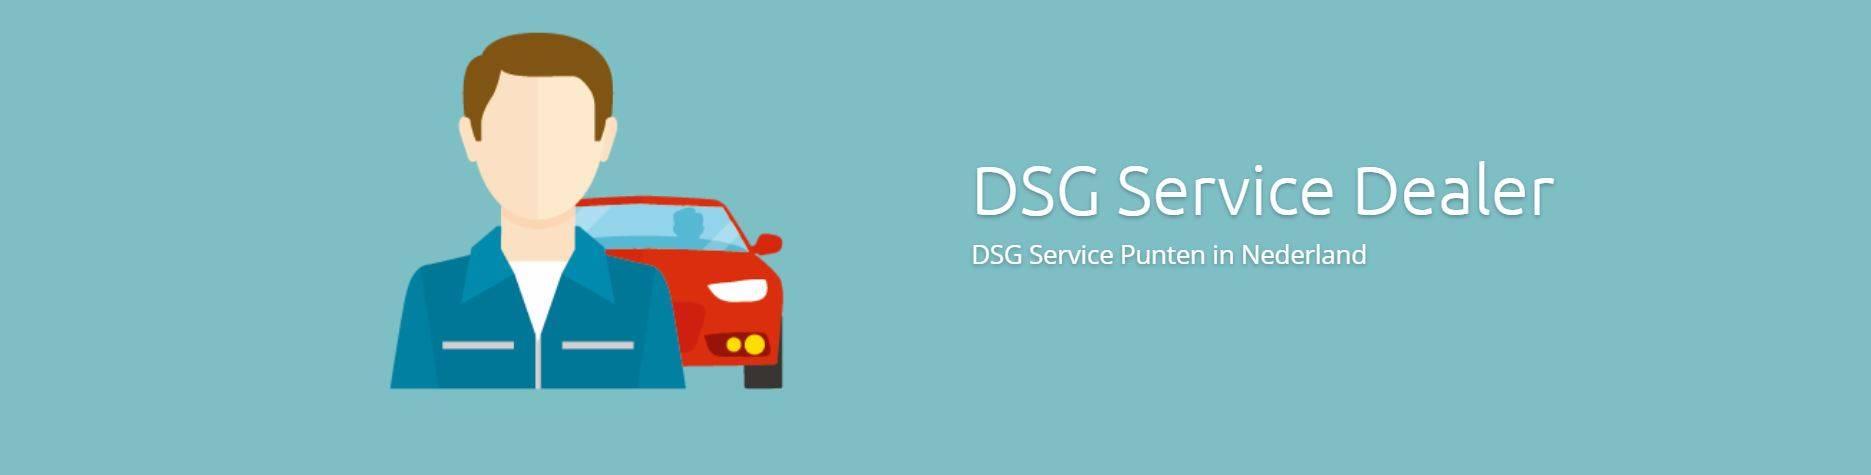 DSG Service Dealer de DSG specialist